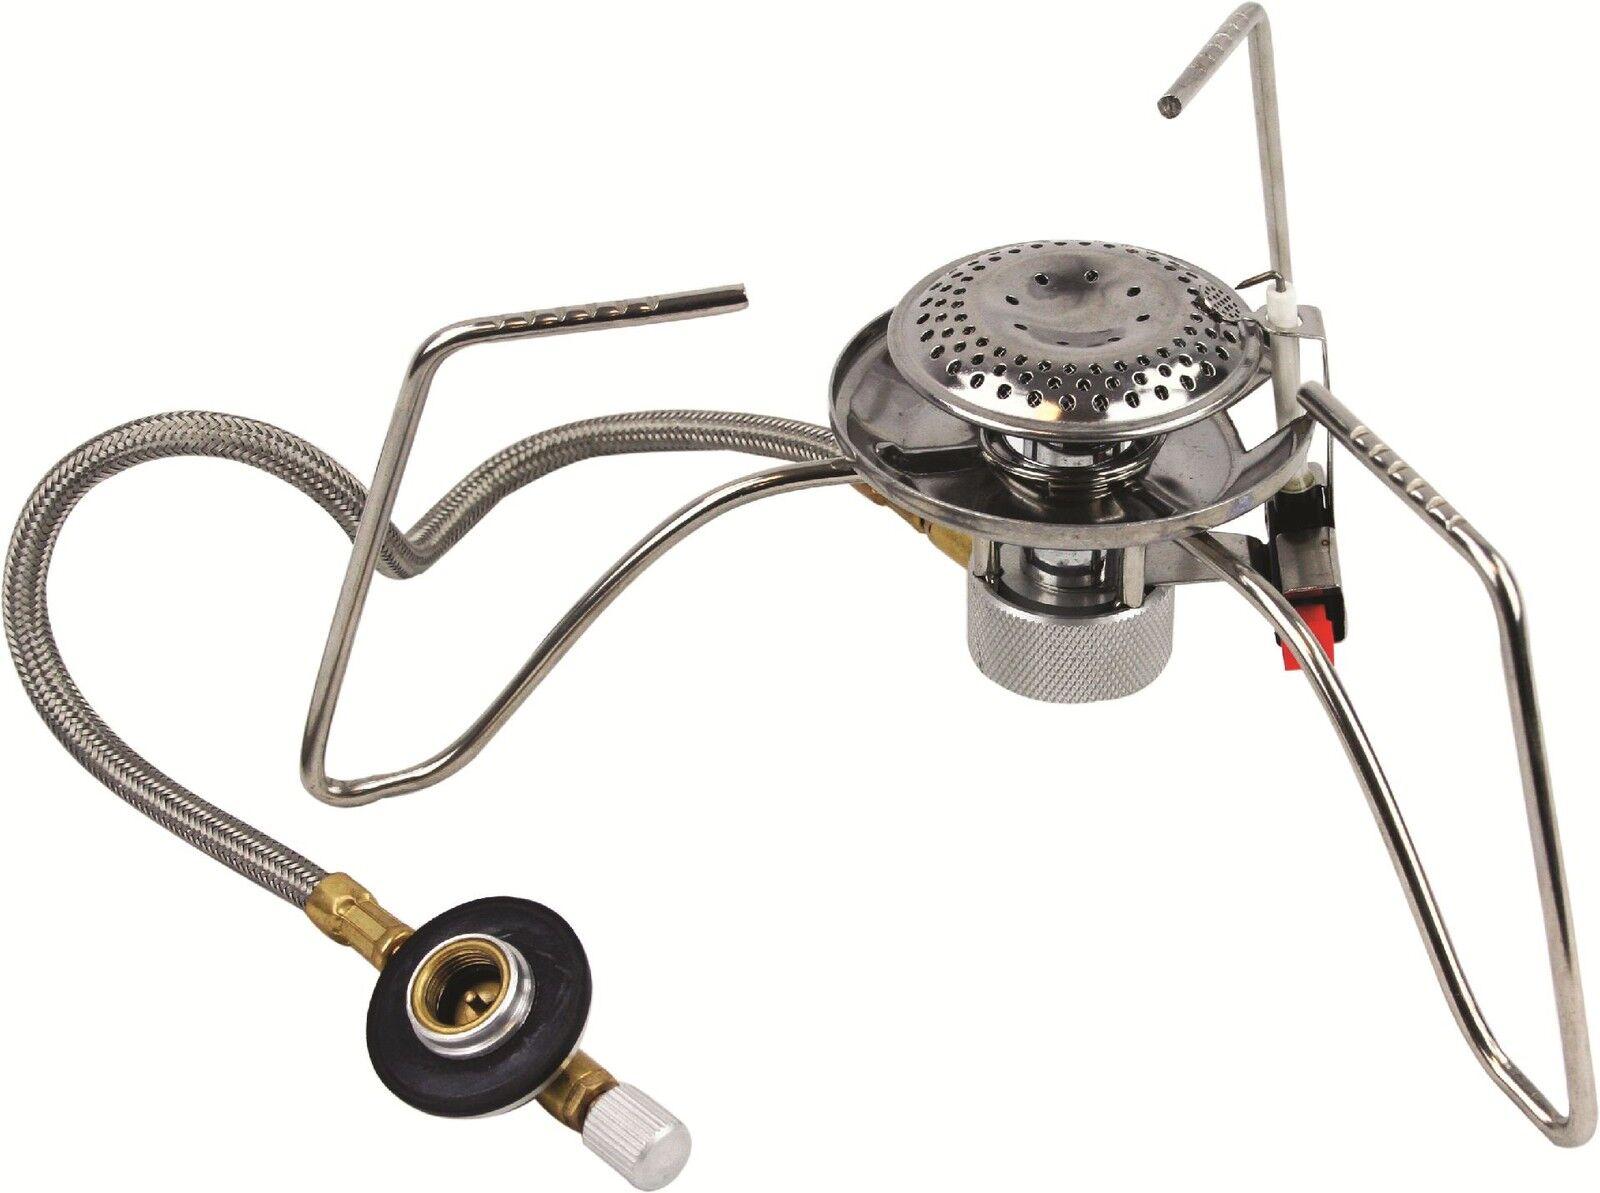 gaz hpx300 hpx300 hpx300 MILITAIRE CHAMP cuisinière compact randonnée poêle + piézo IGNITION 42ded3